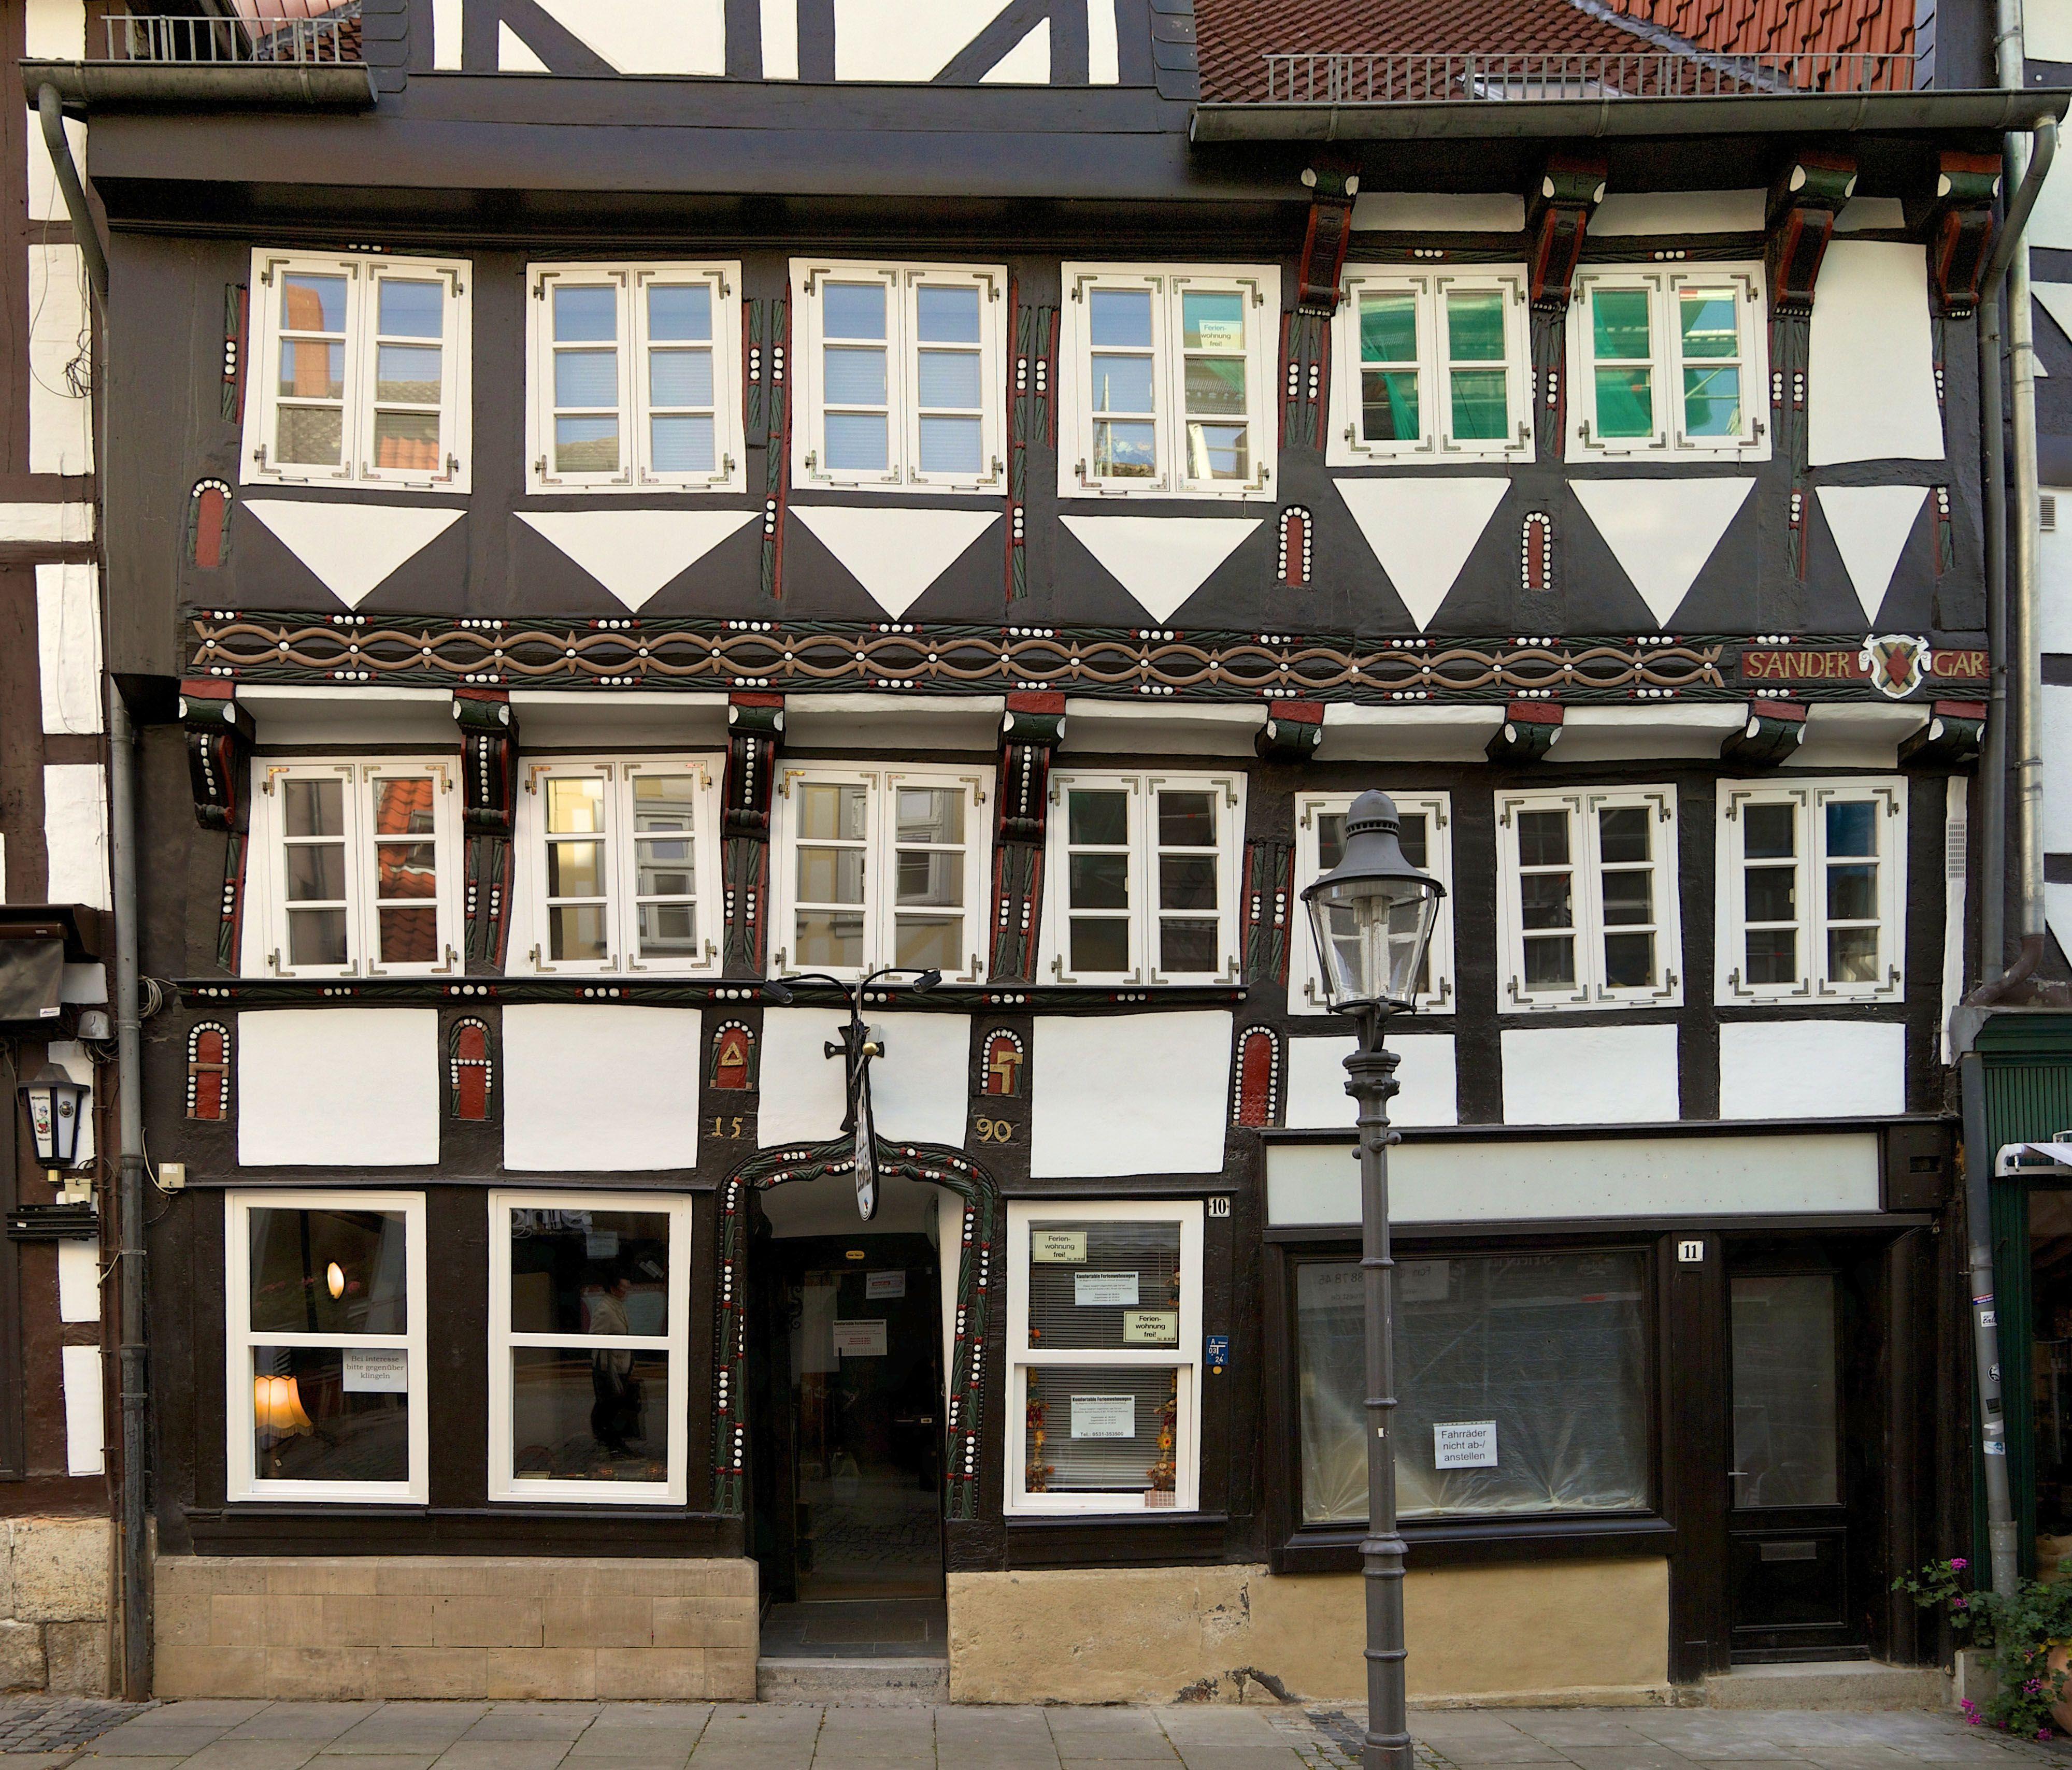 1590 Steht In Goldenen Ziffern An Der Hauswand Dieses